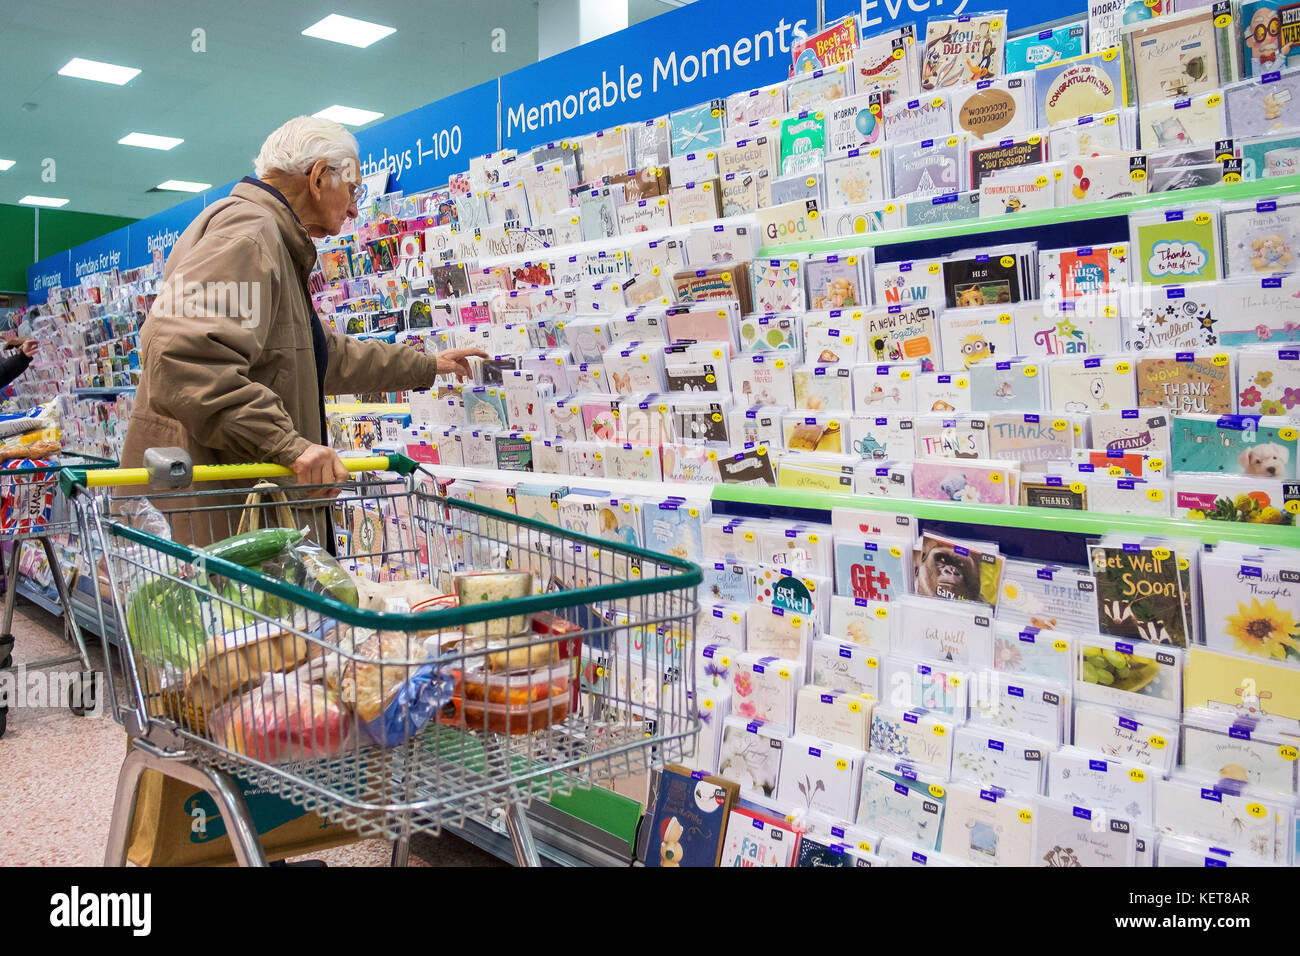 Einkaufen in einem Morrisons Supermarkt - ein Kunde die Wahl ein Jubiläum Karte aus einer Karte Anzeige in Stockbild